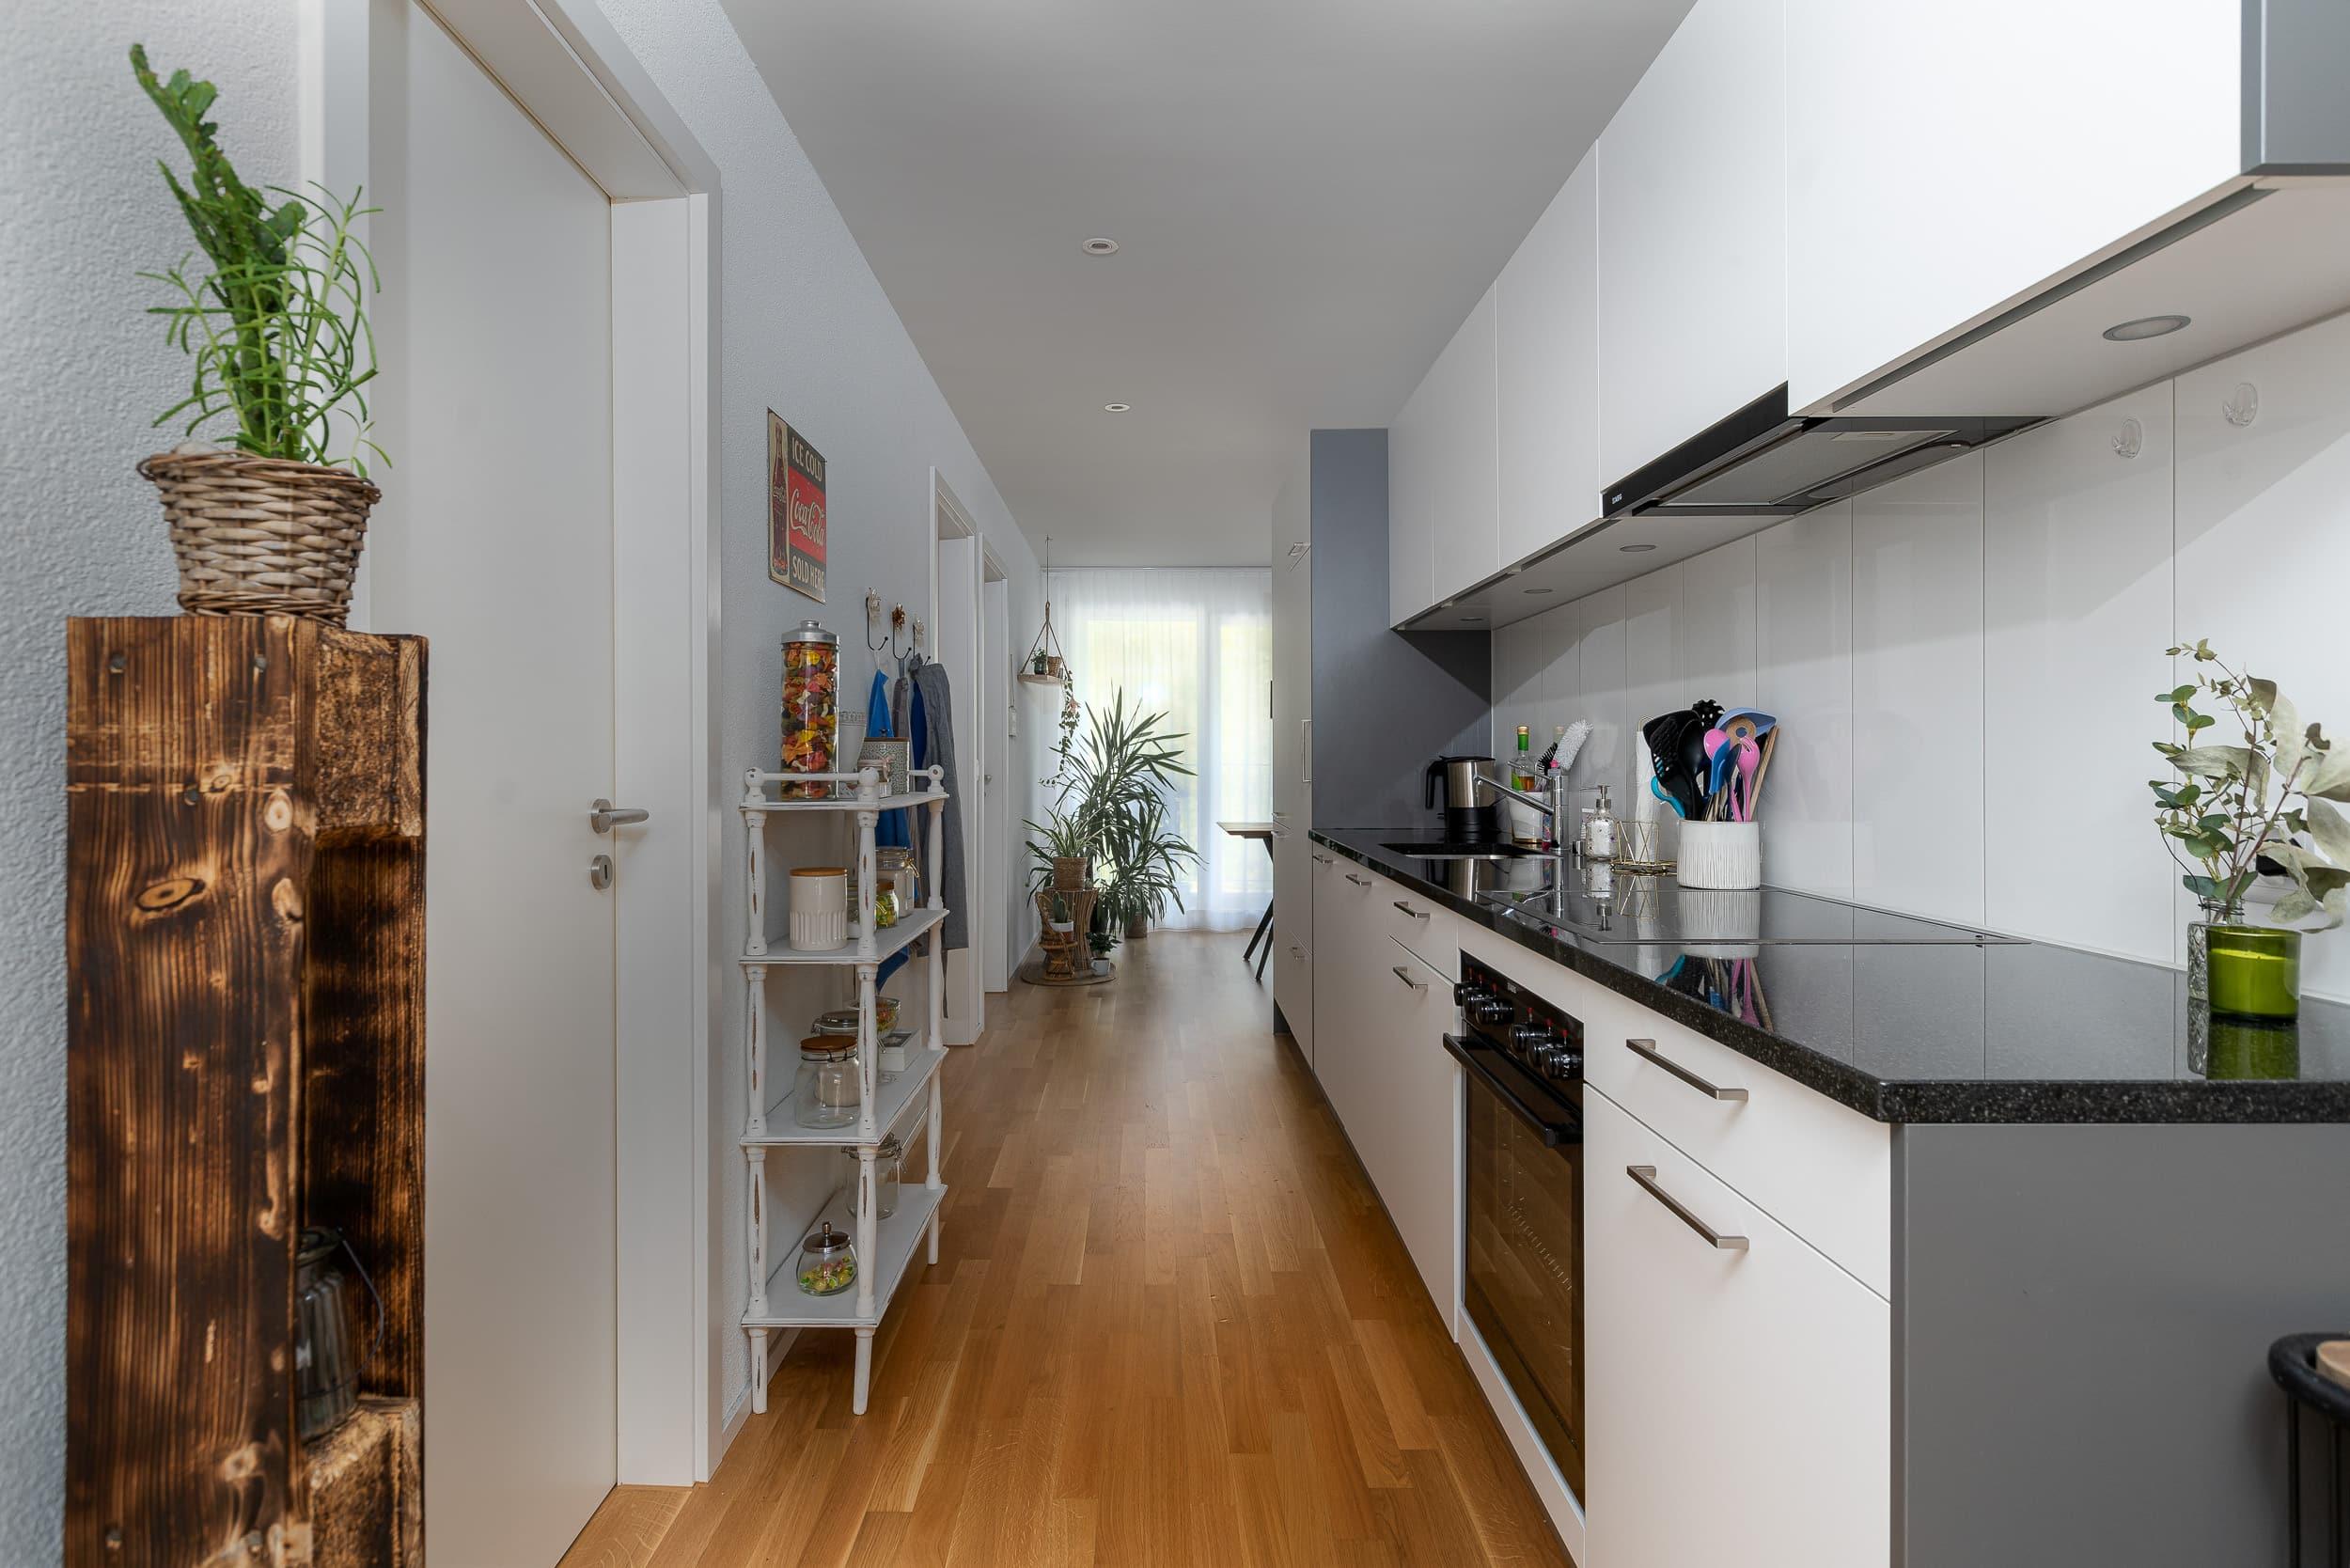 Neubauwohnung Sommerrain Ostermundigen - Küche & Flur